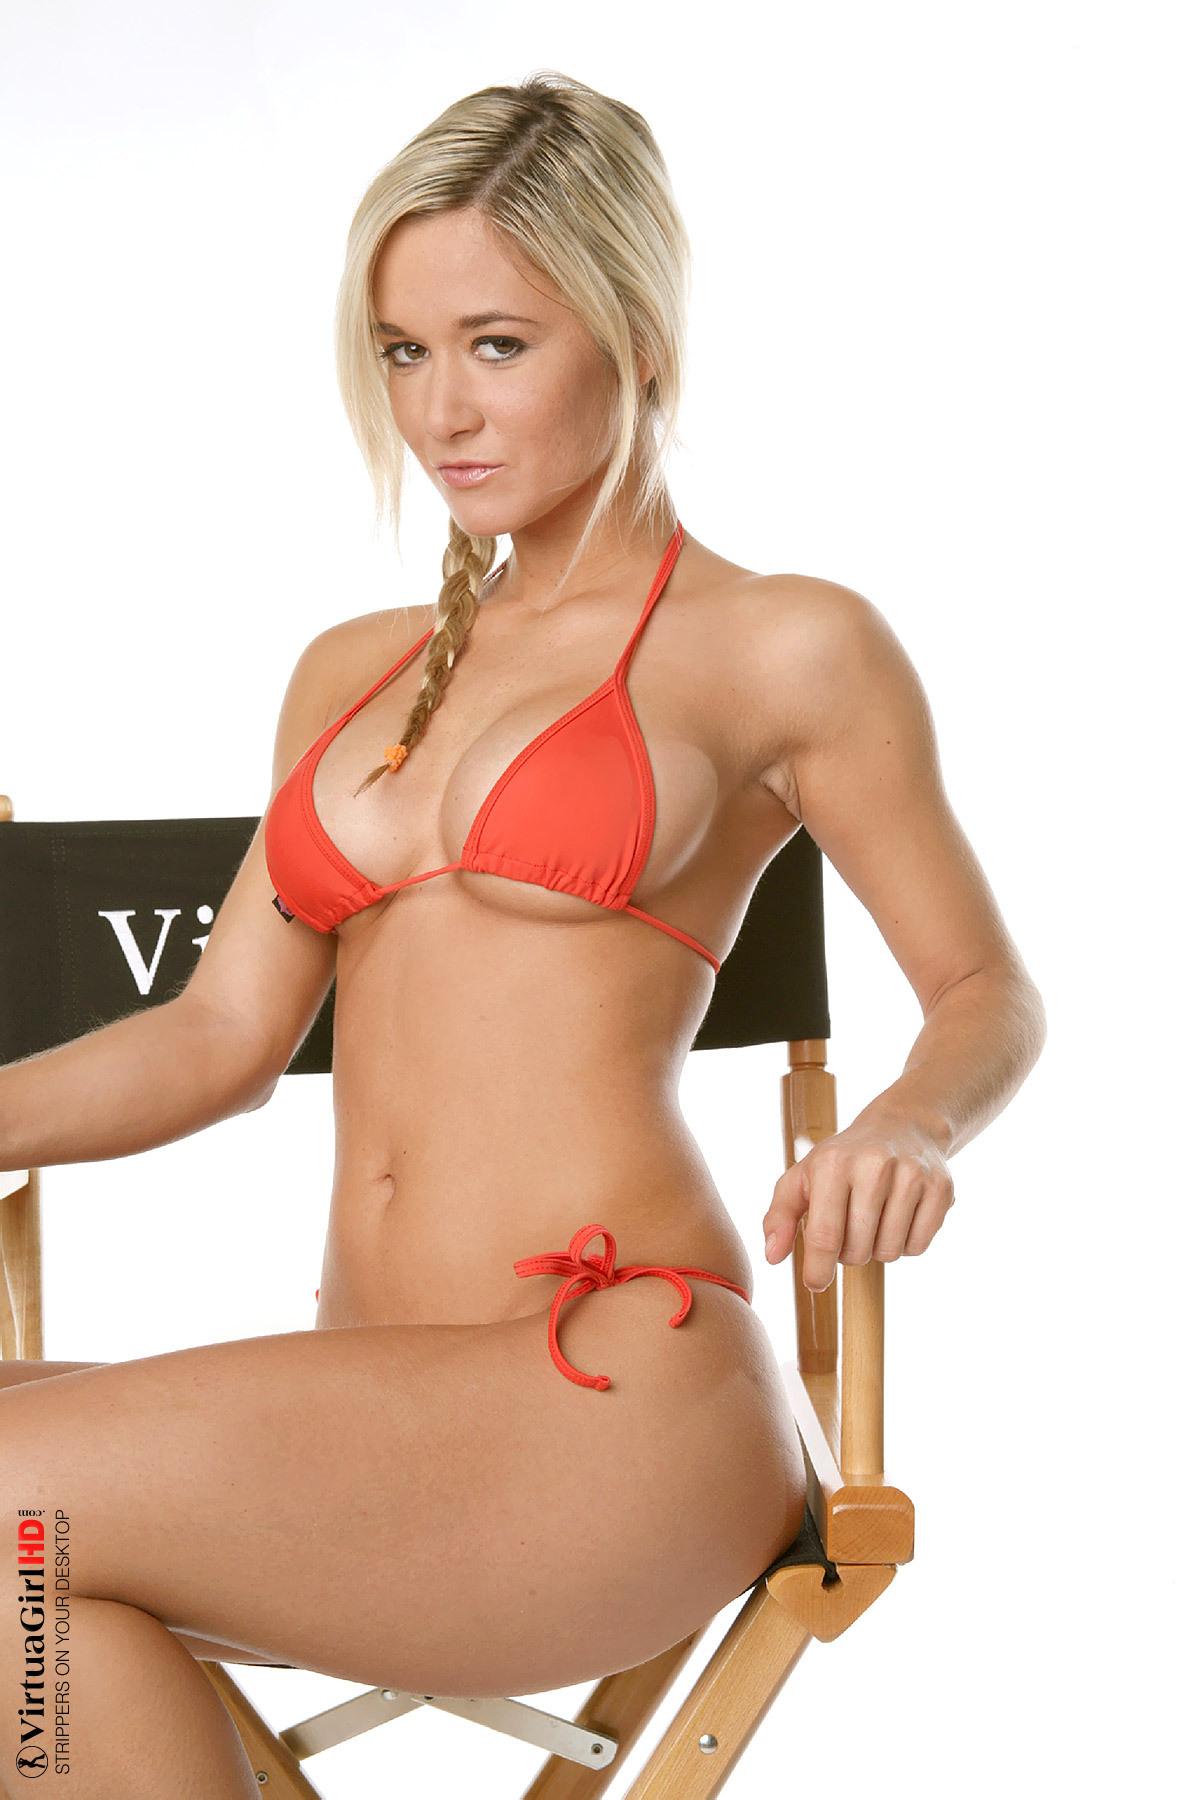 Victoria beckham nude pic